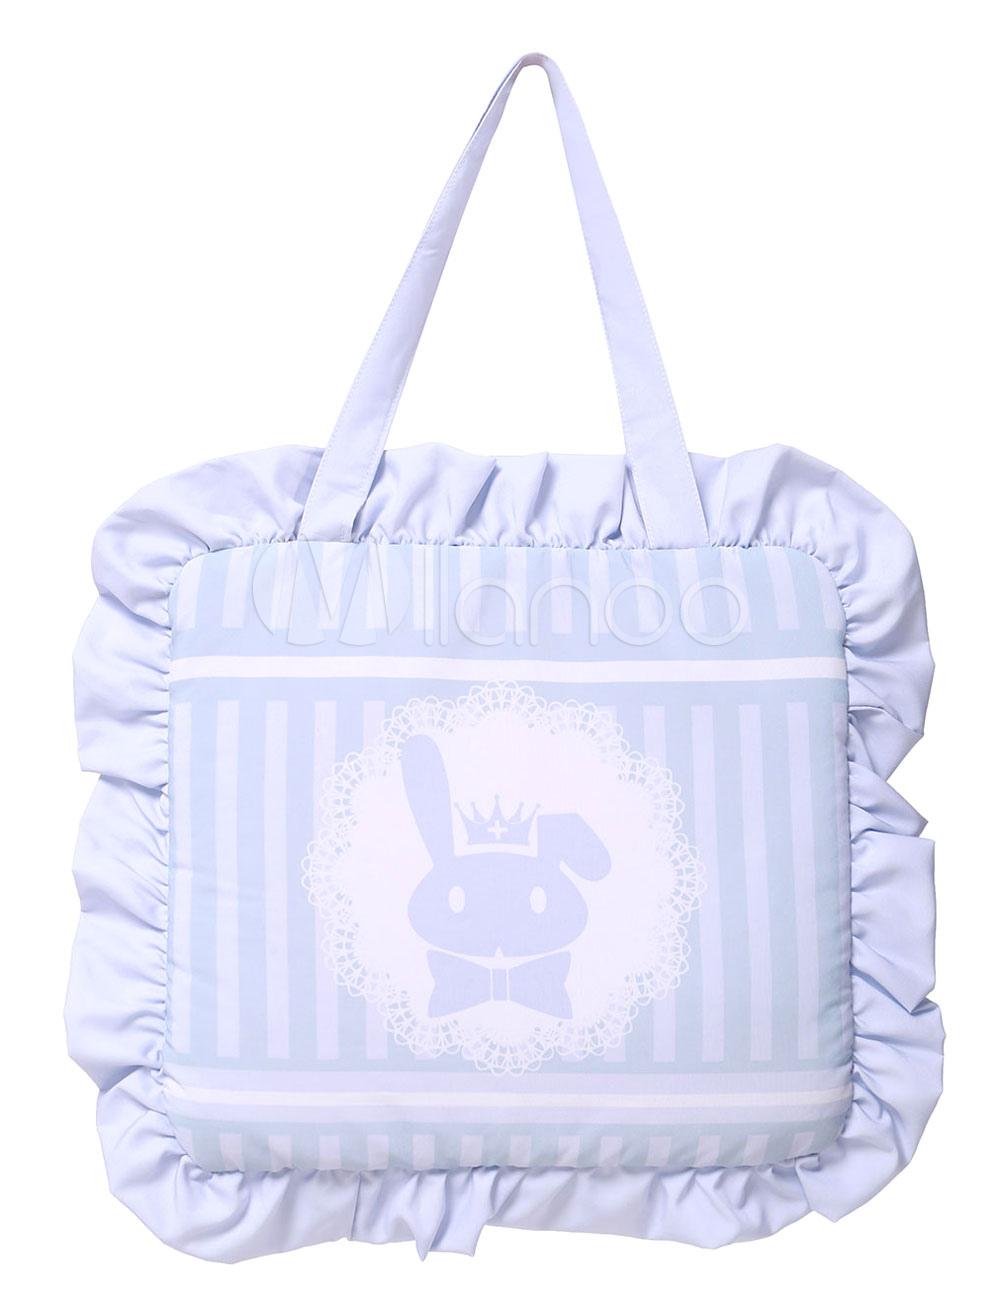 Buy Sweet Lolita Bag Lilac Cute Bunny Printed Lolita Handbag for $14.99 in Milanoo store